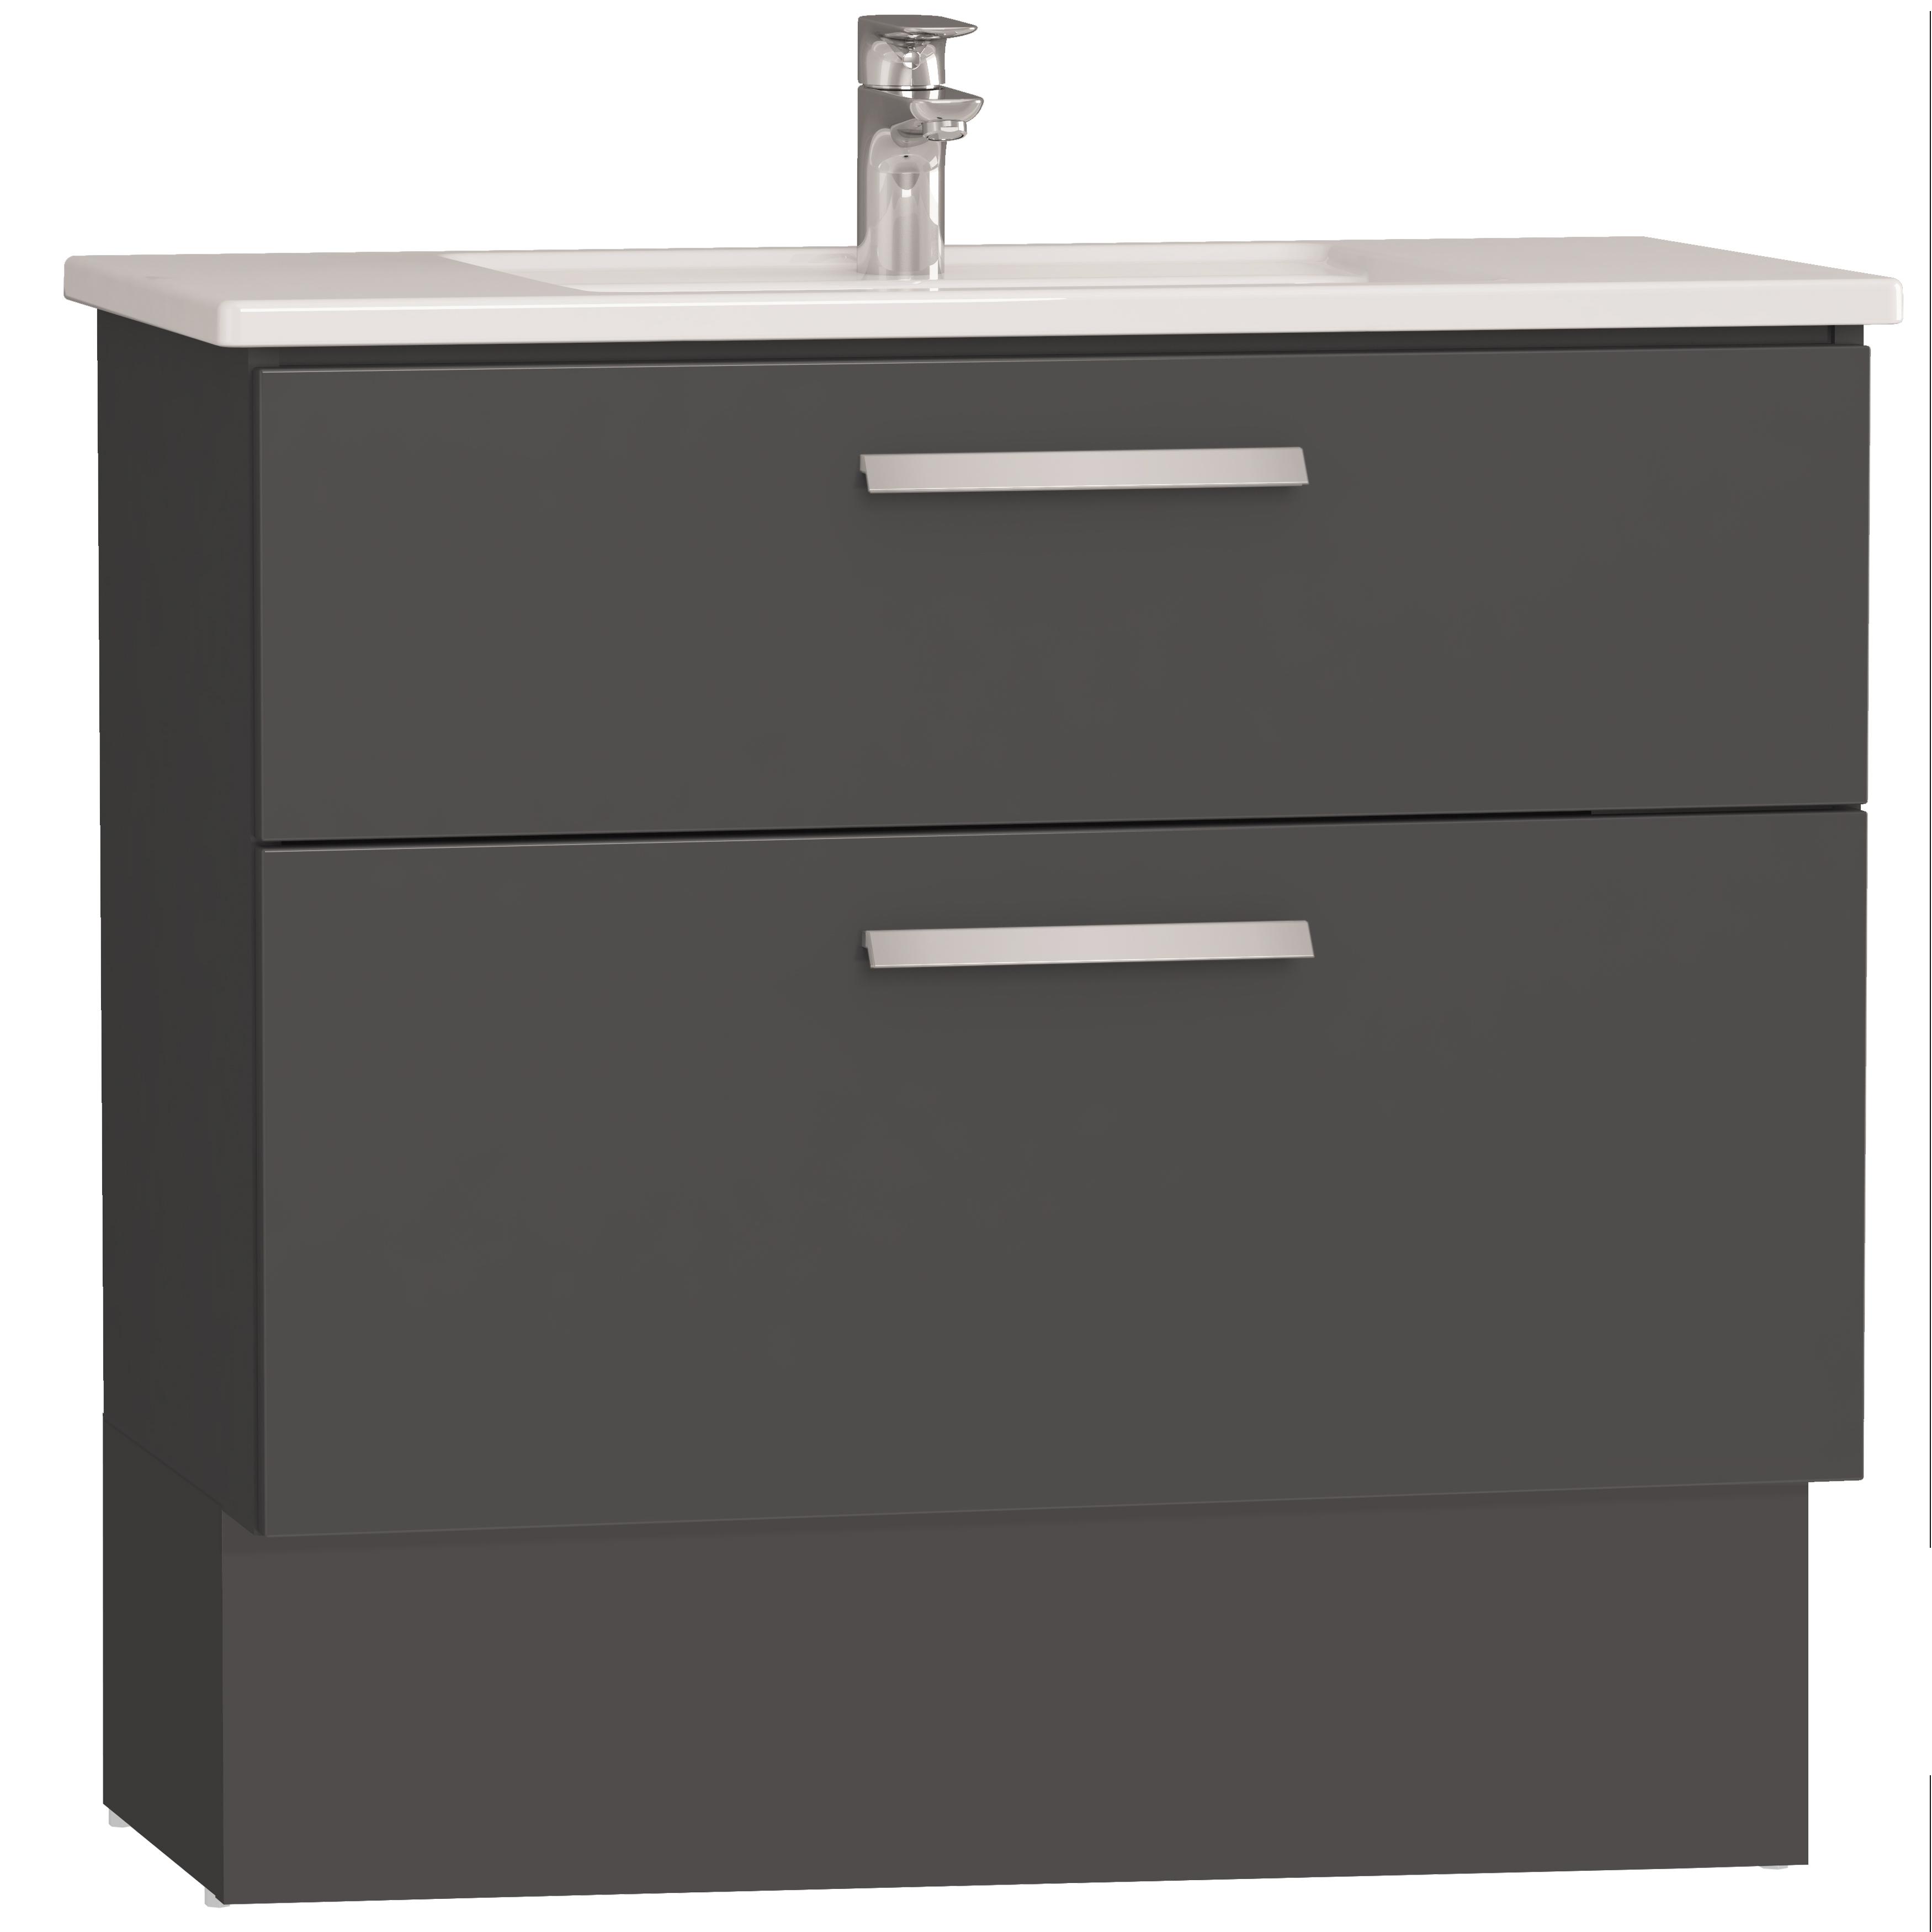 Integra socle pour meuble avec plan céramique avec deux tiroirs, 90 cm, anthraciteacite haute brillance